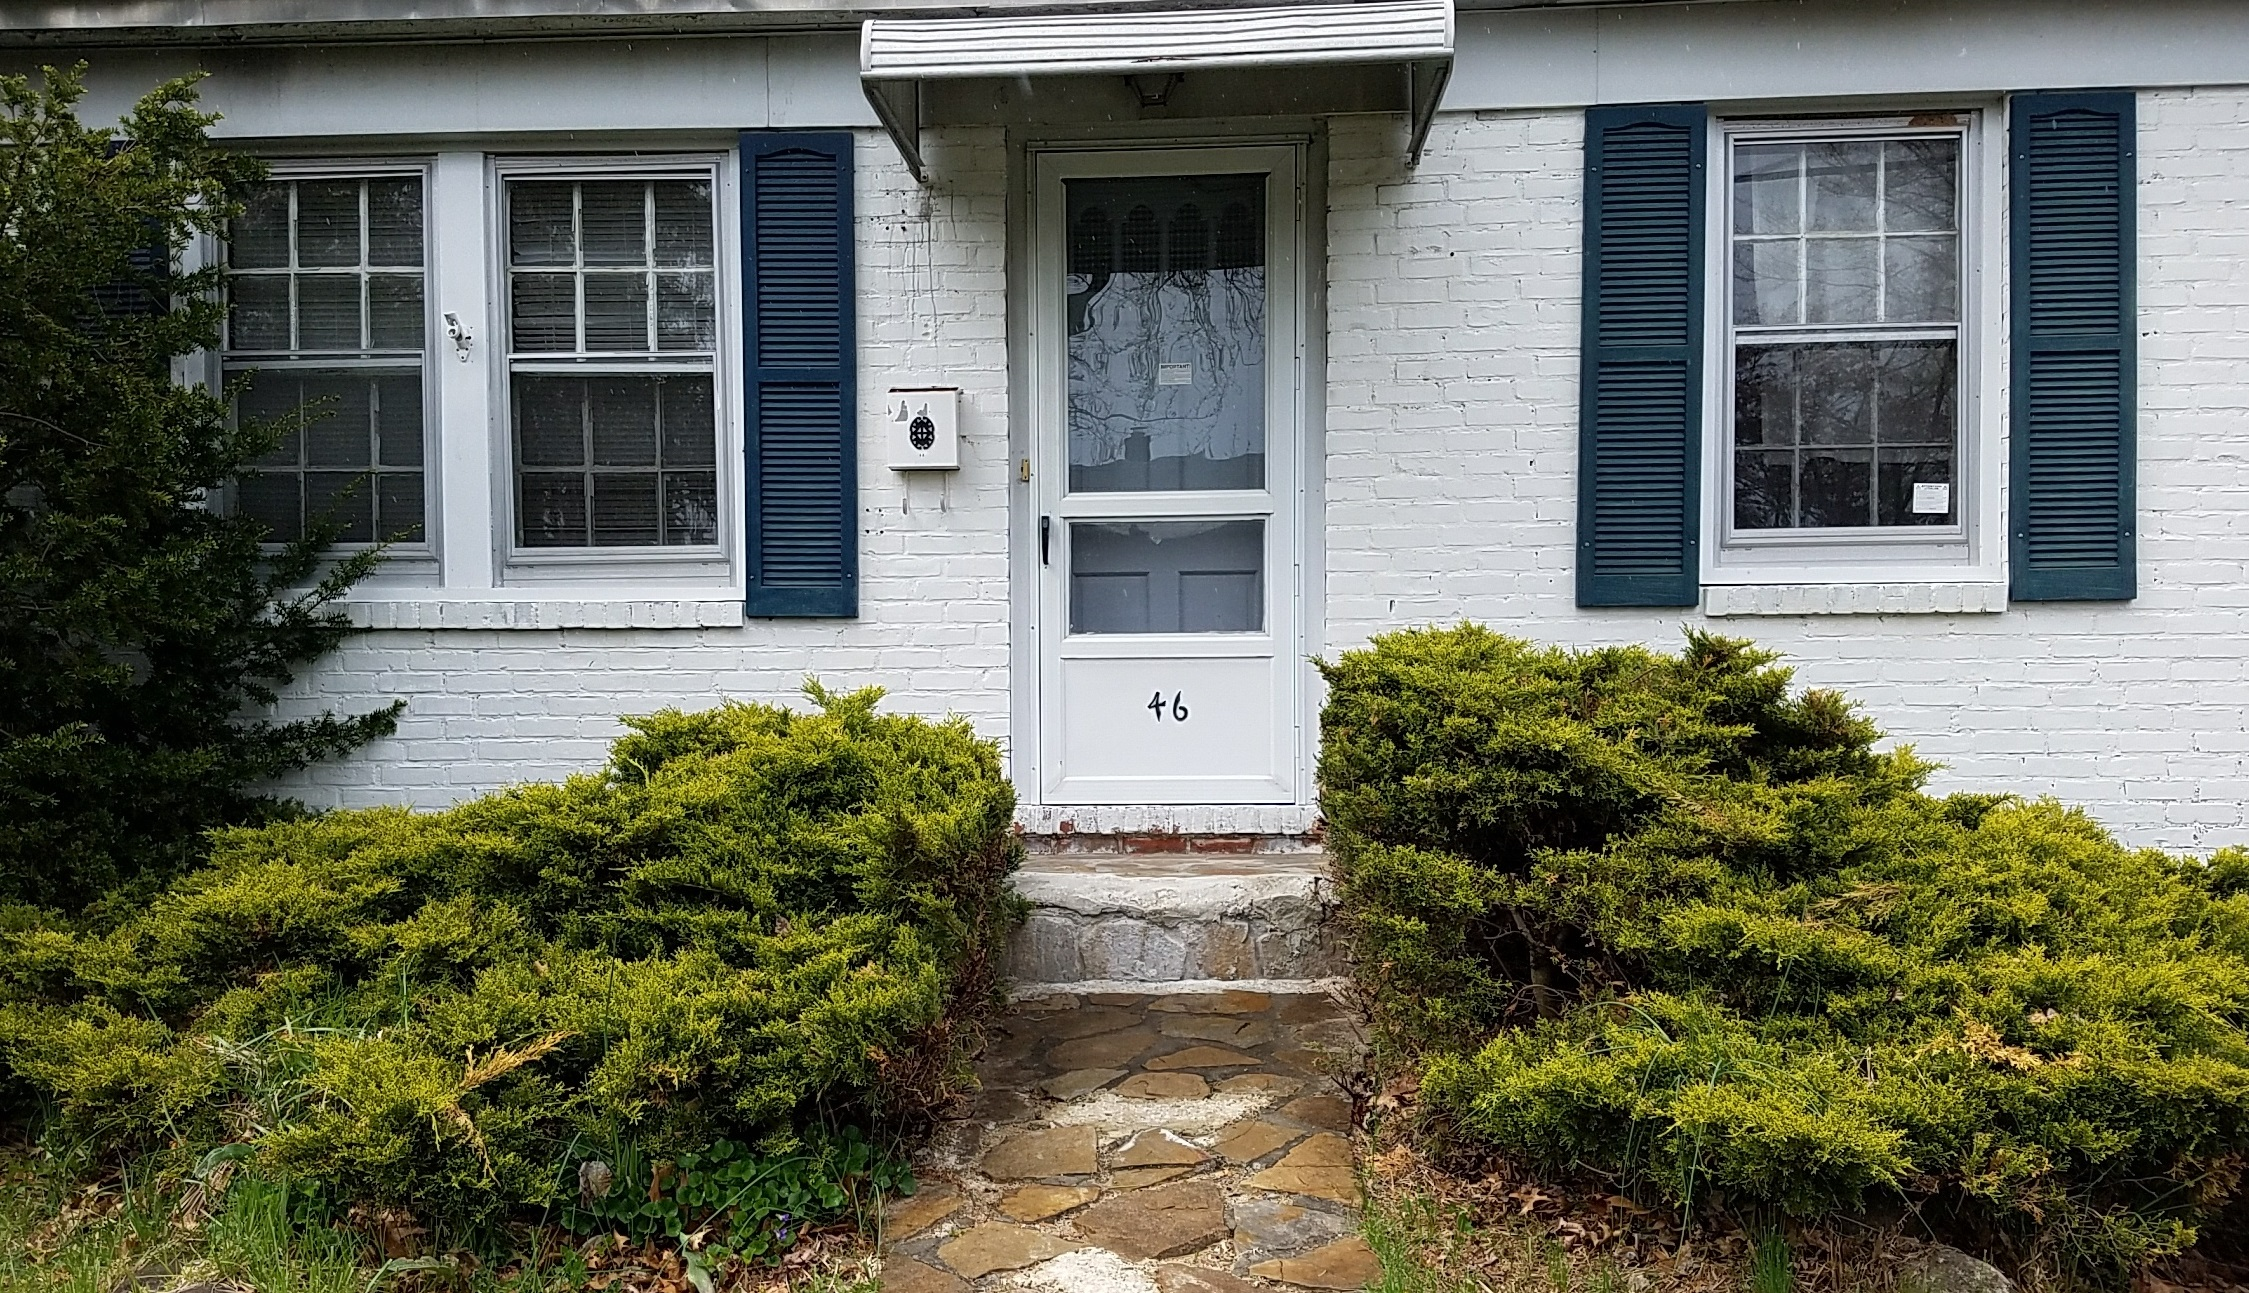 UNDERCONTRACT – 46 SHERWOOD RD. DUMONT, NJ 07628 – $249,900